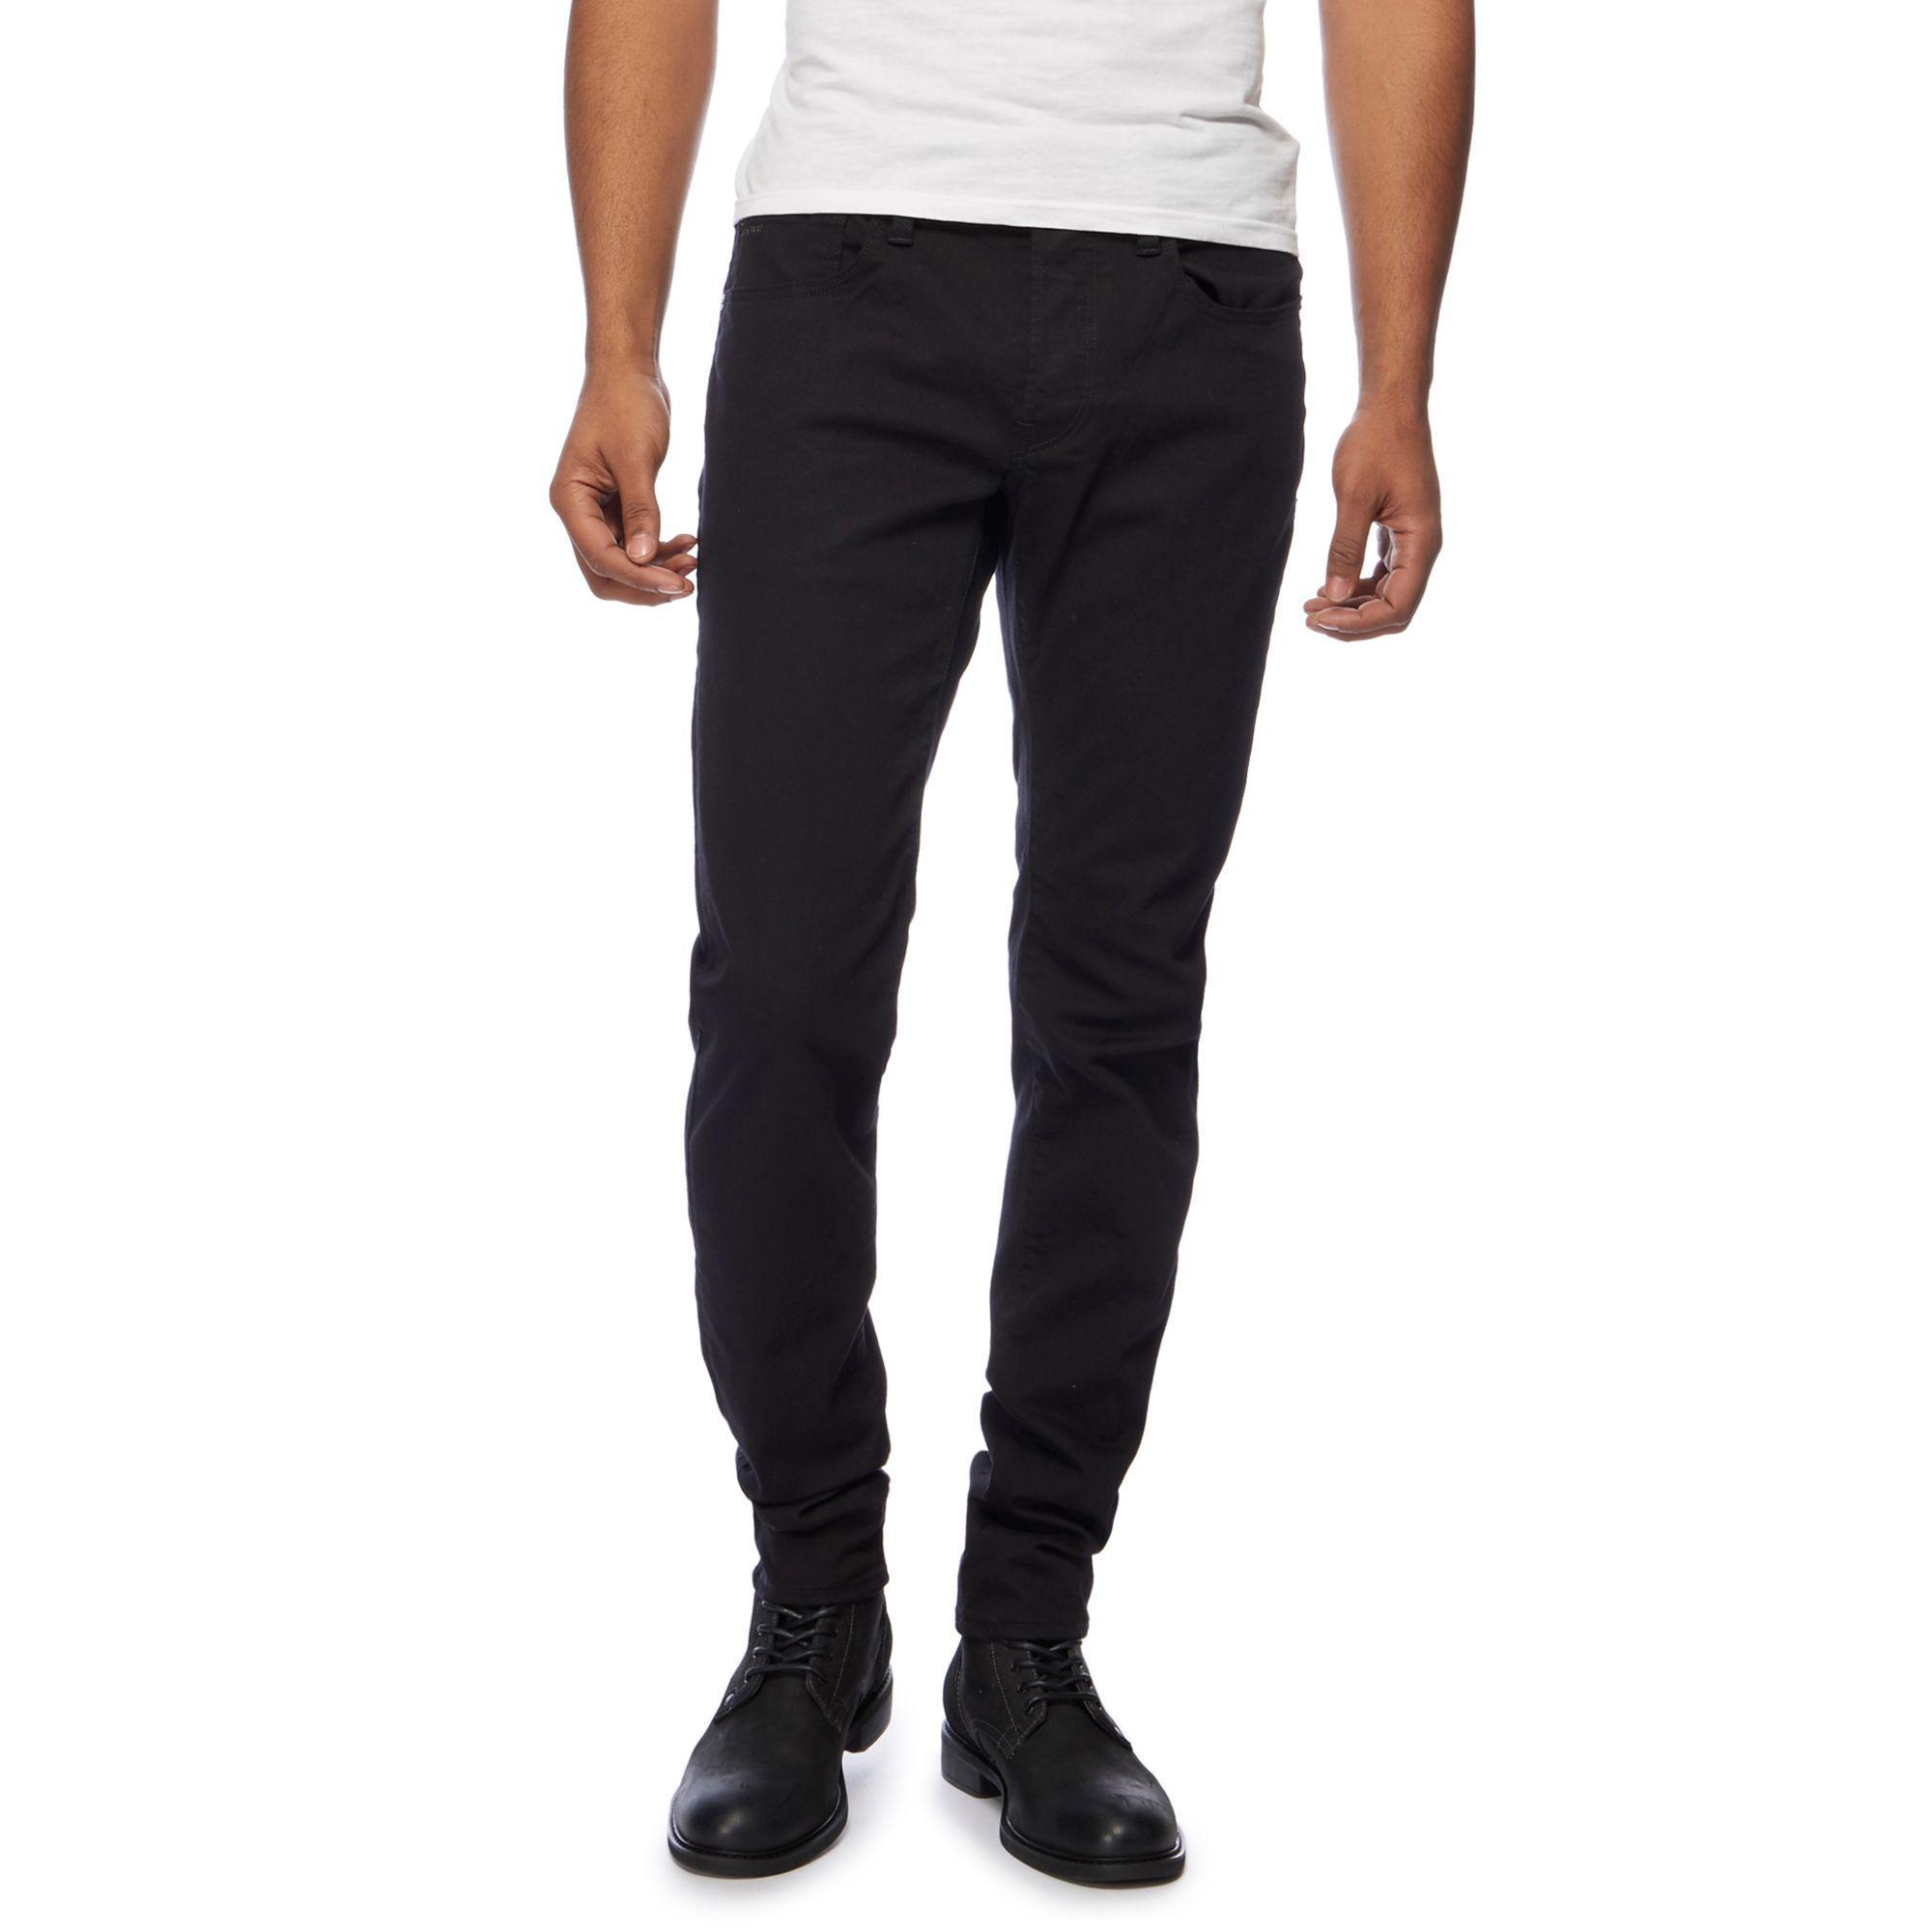 13d9e334af2990 G-Star RAW Black '3301' Slim Fit Jeans in Black for Men - Lyst